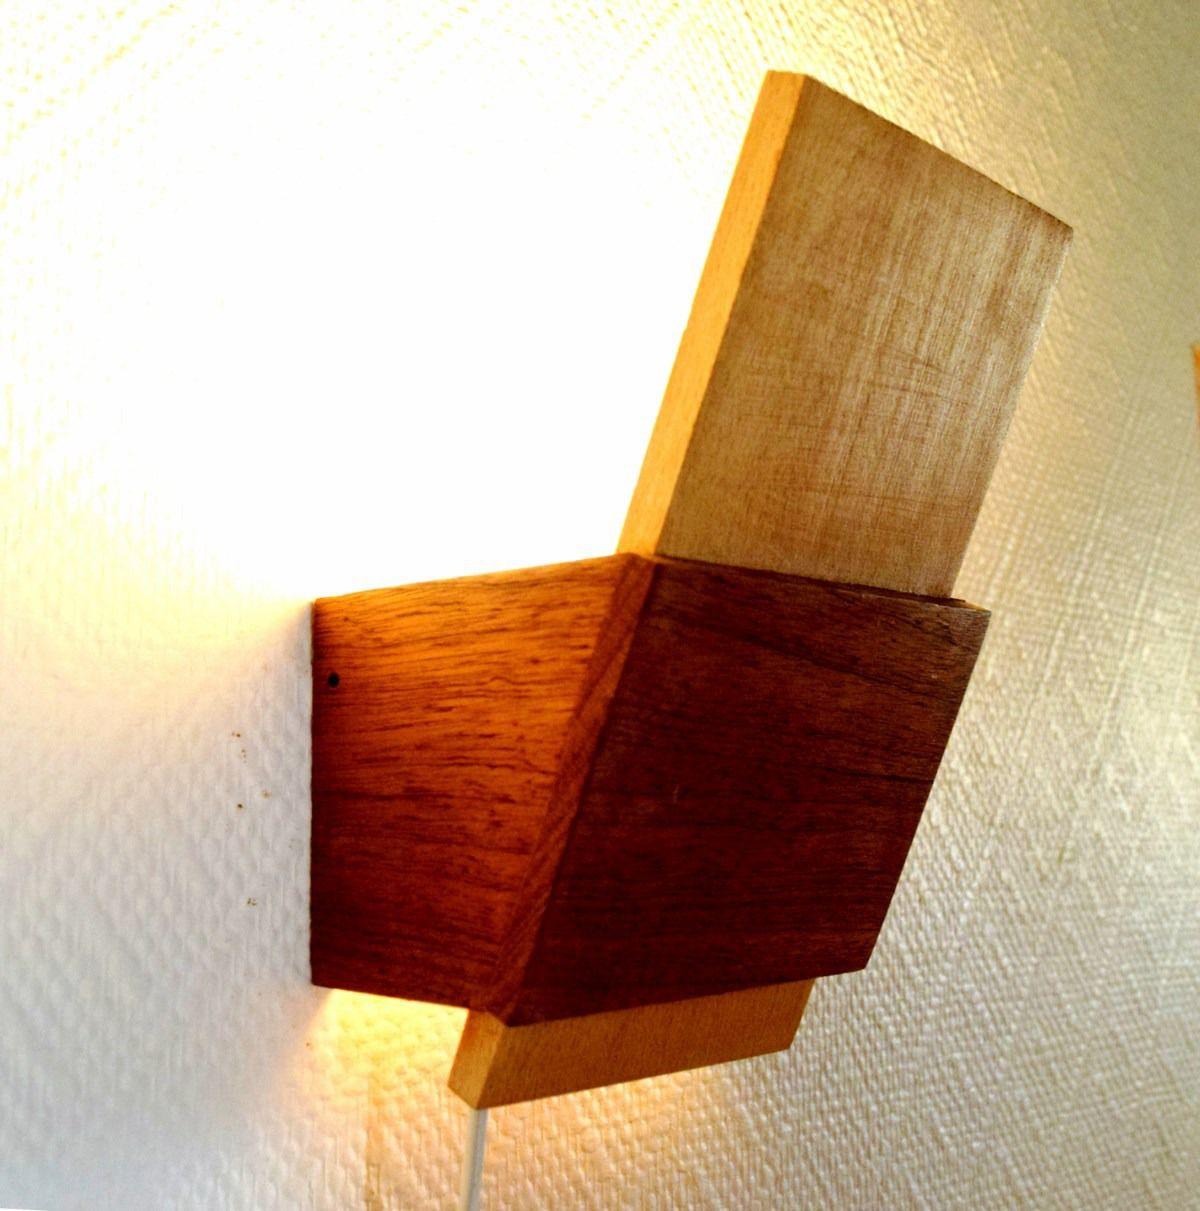 applique design en bois massif Hêtre et Sipo éclairage par lampe led 450 lumens Luminaires